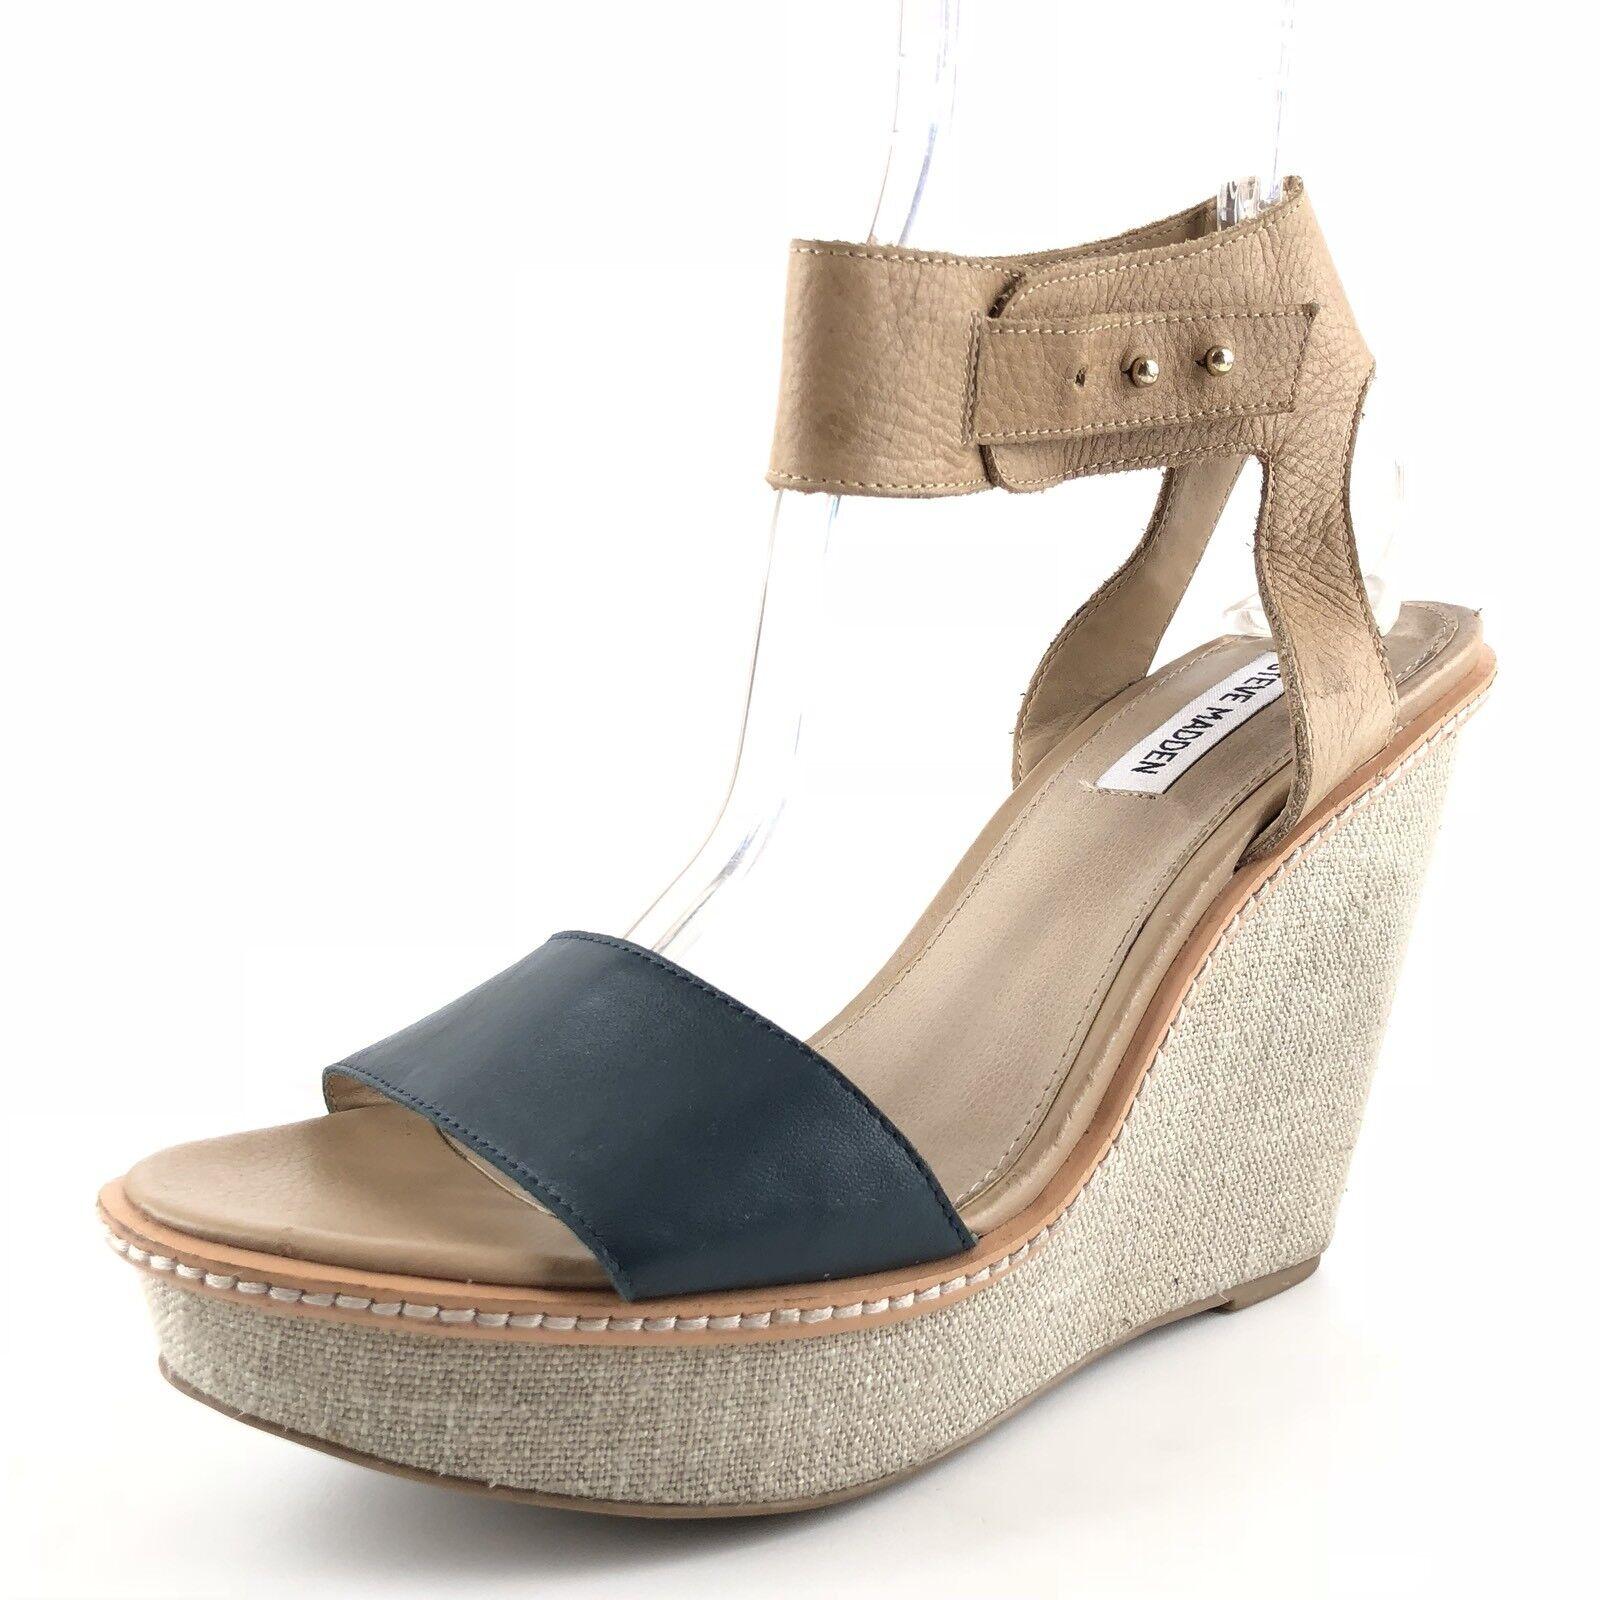 Steve Madden Bevrlie Beige Multi Leder Platform Wedge Sandale Damenschuhe Größe 9.5 M